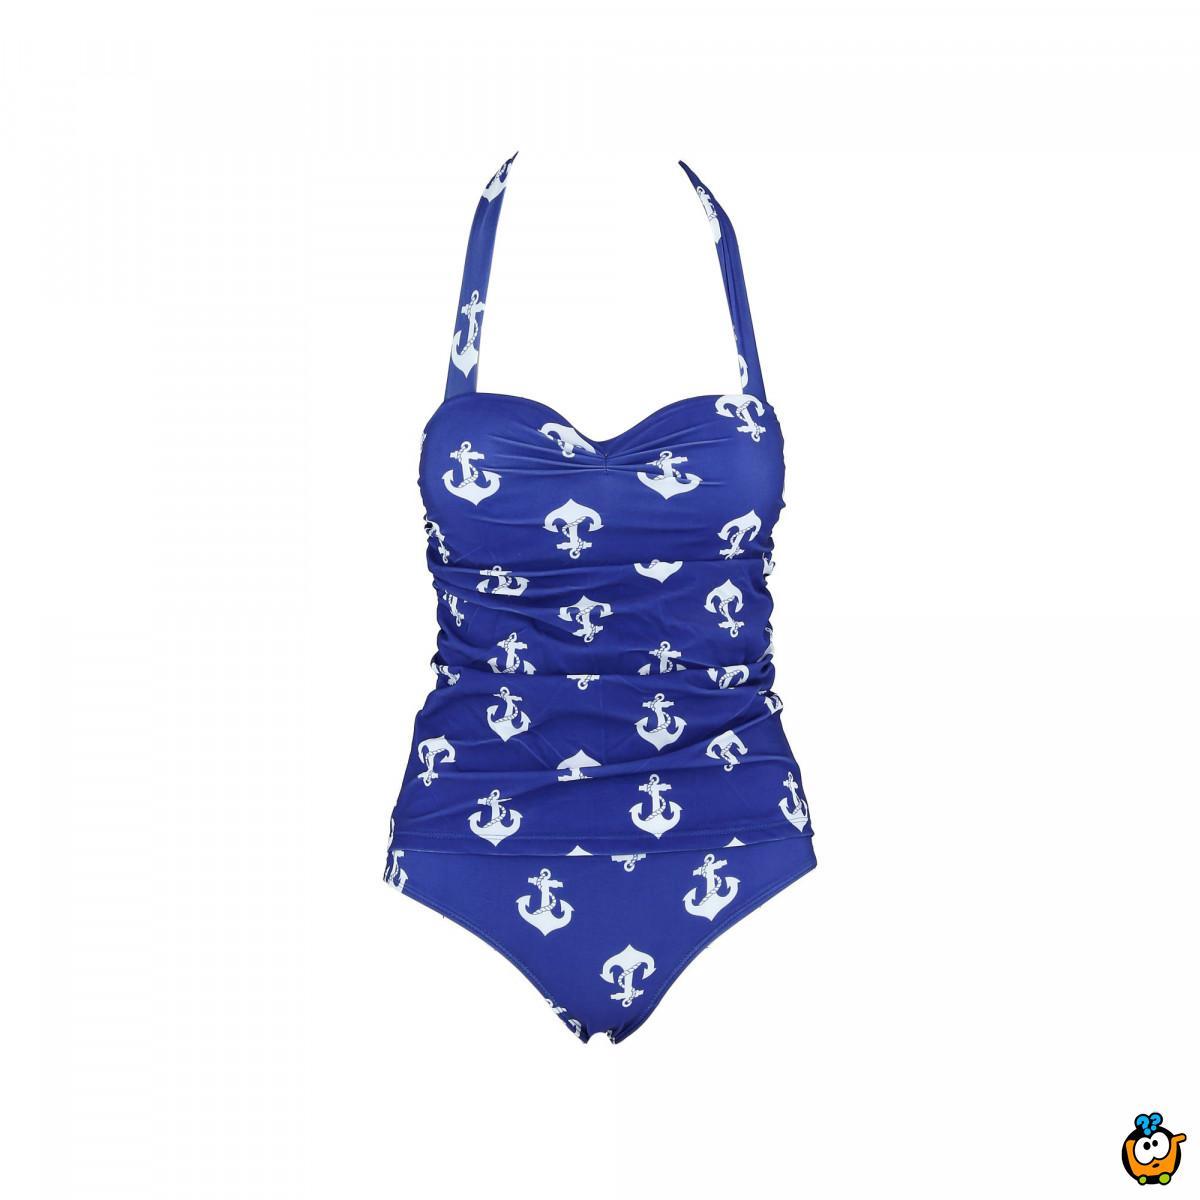 Jednodelni ženski kupaći kostim - RETRO BLUE